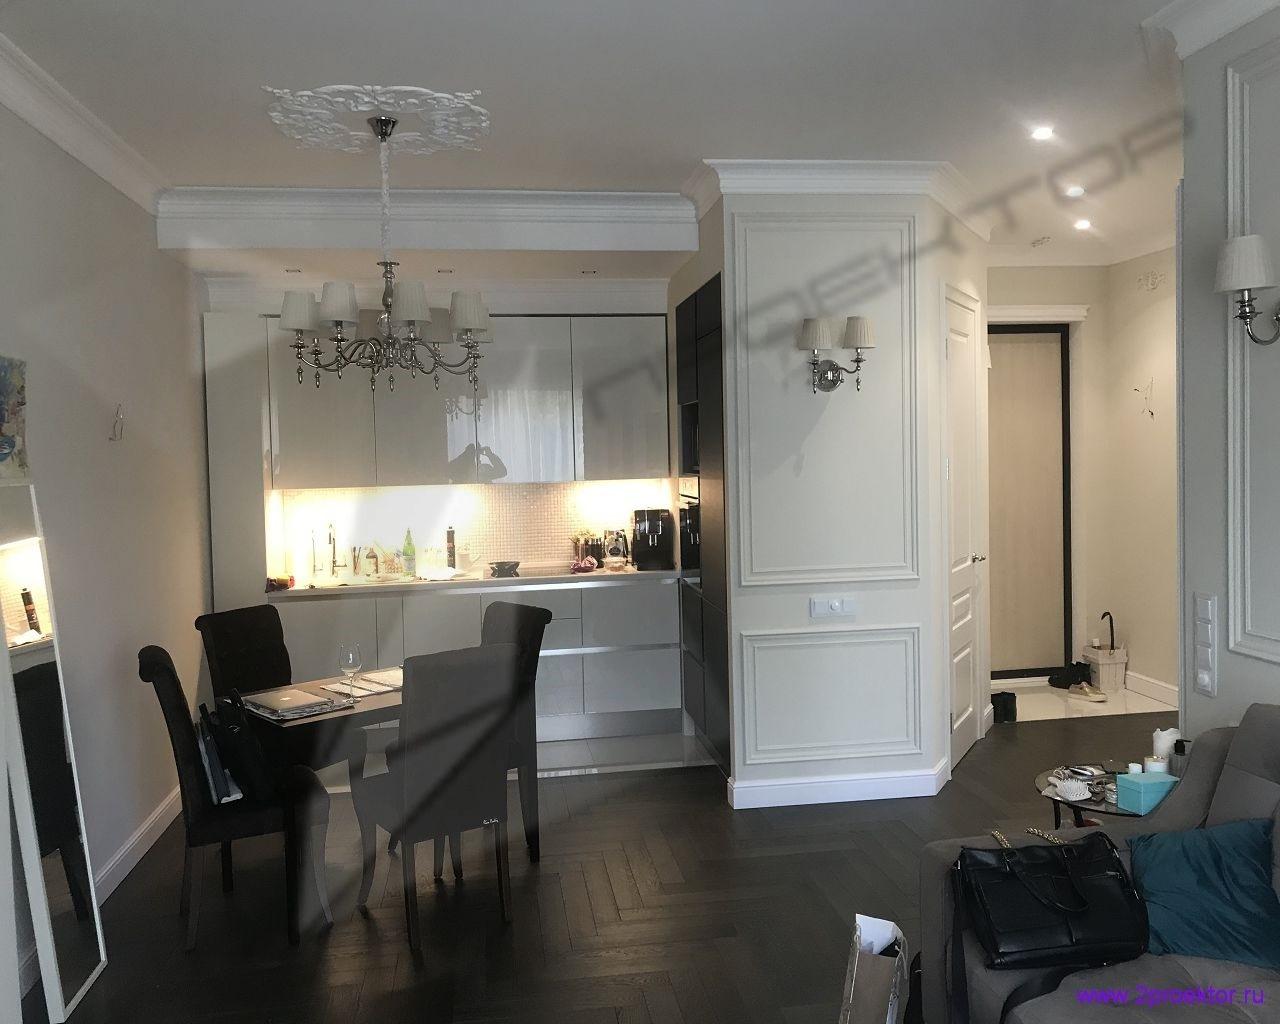 Вариант 1 переноса кухни в коридор с образованием дополнительной комнаты на месте бывшей кухни. Согласовано ООО «2ПРОЕКТОР».